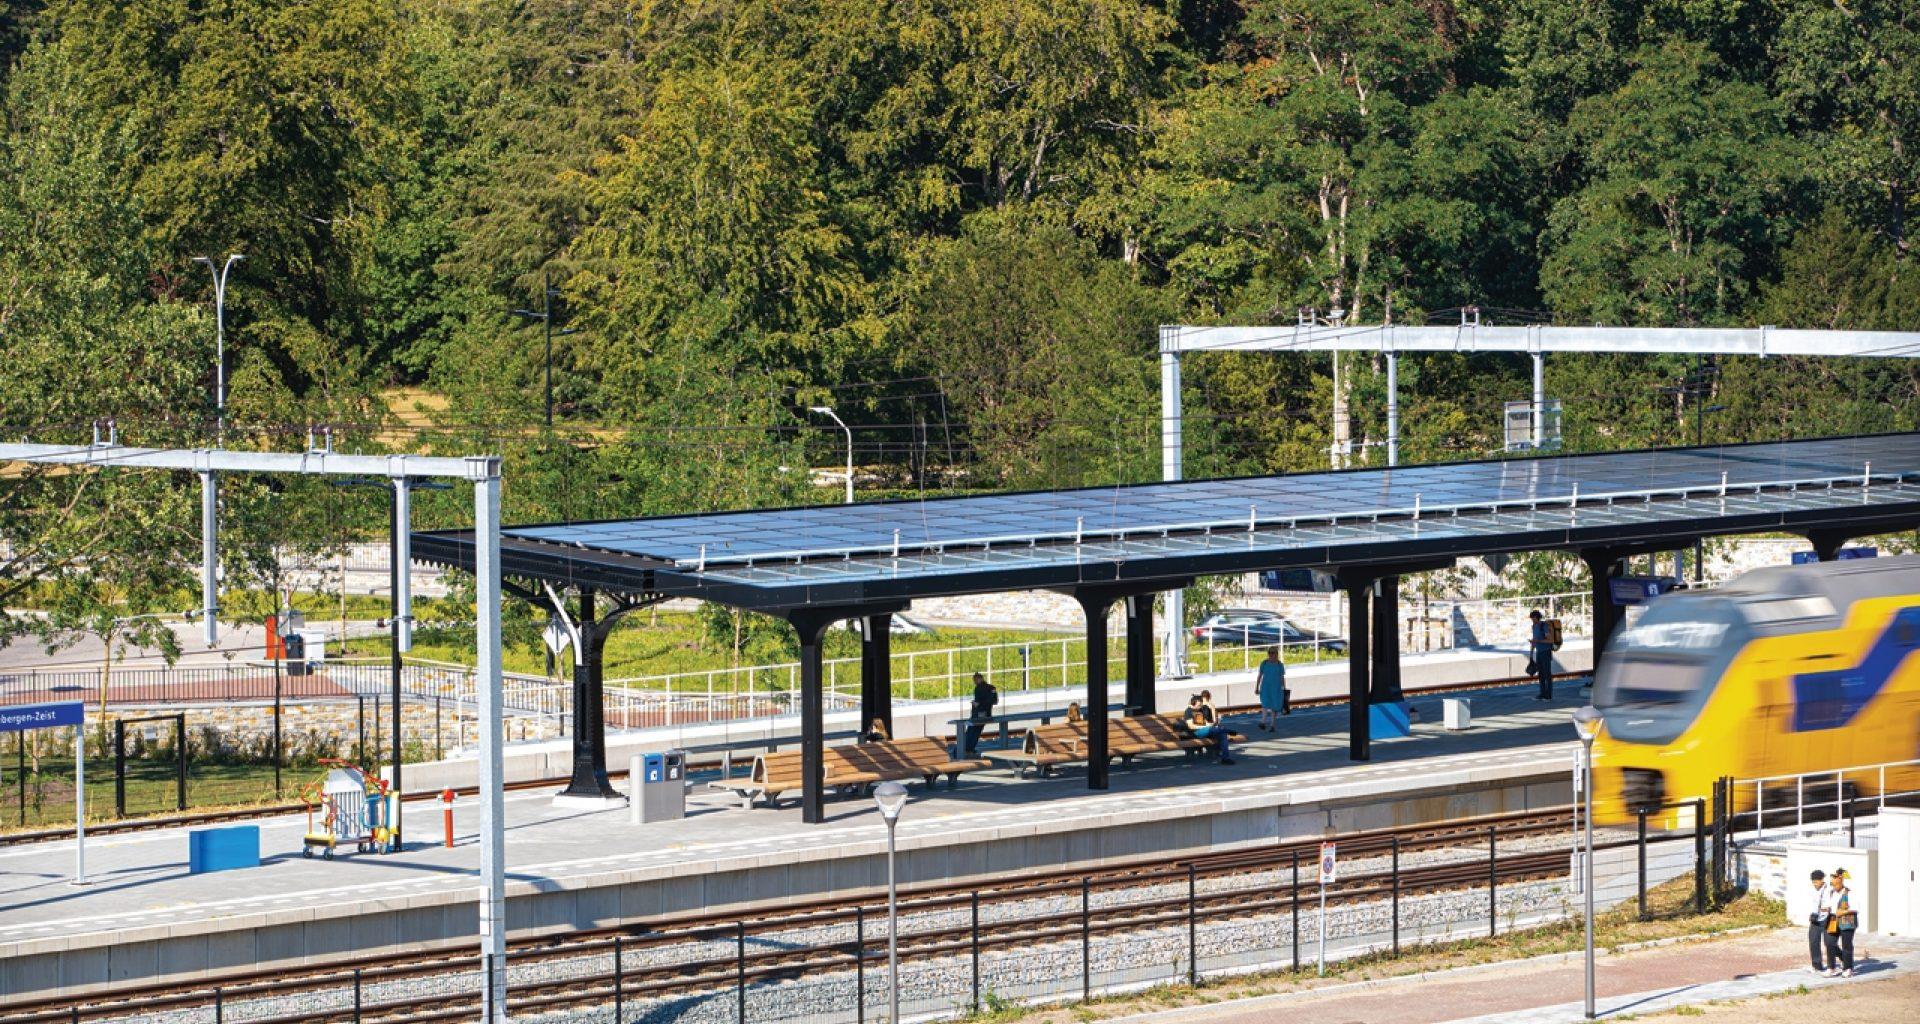 Zonnepanelen op station Driebergen Zeist 96dpi 1280x853px E NR 13360